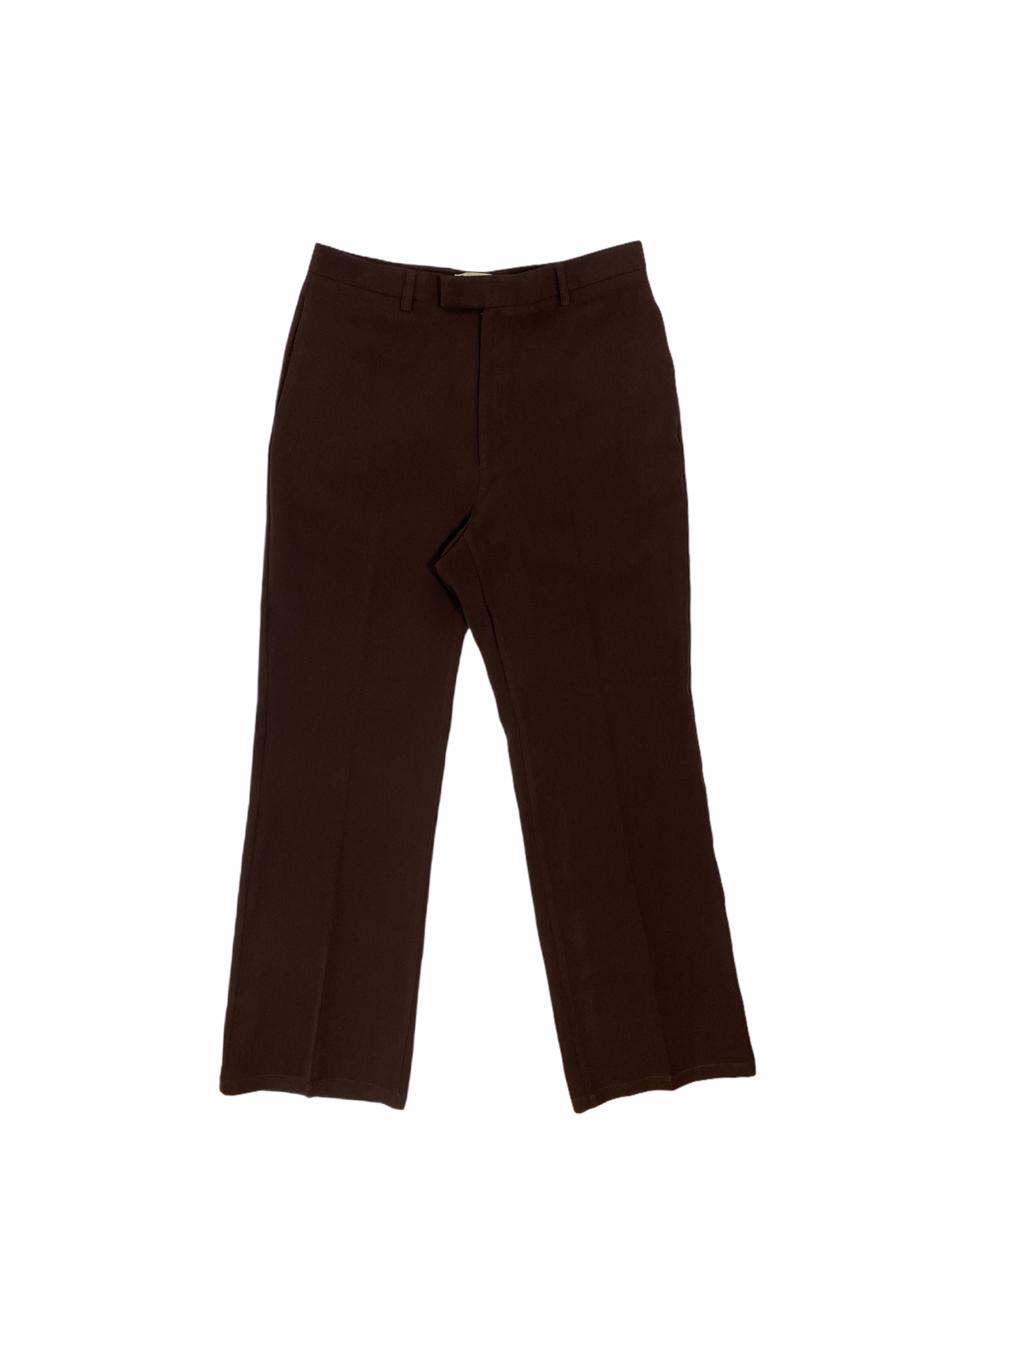 Men's Shaggy Pants (Dark Brown)